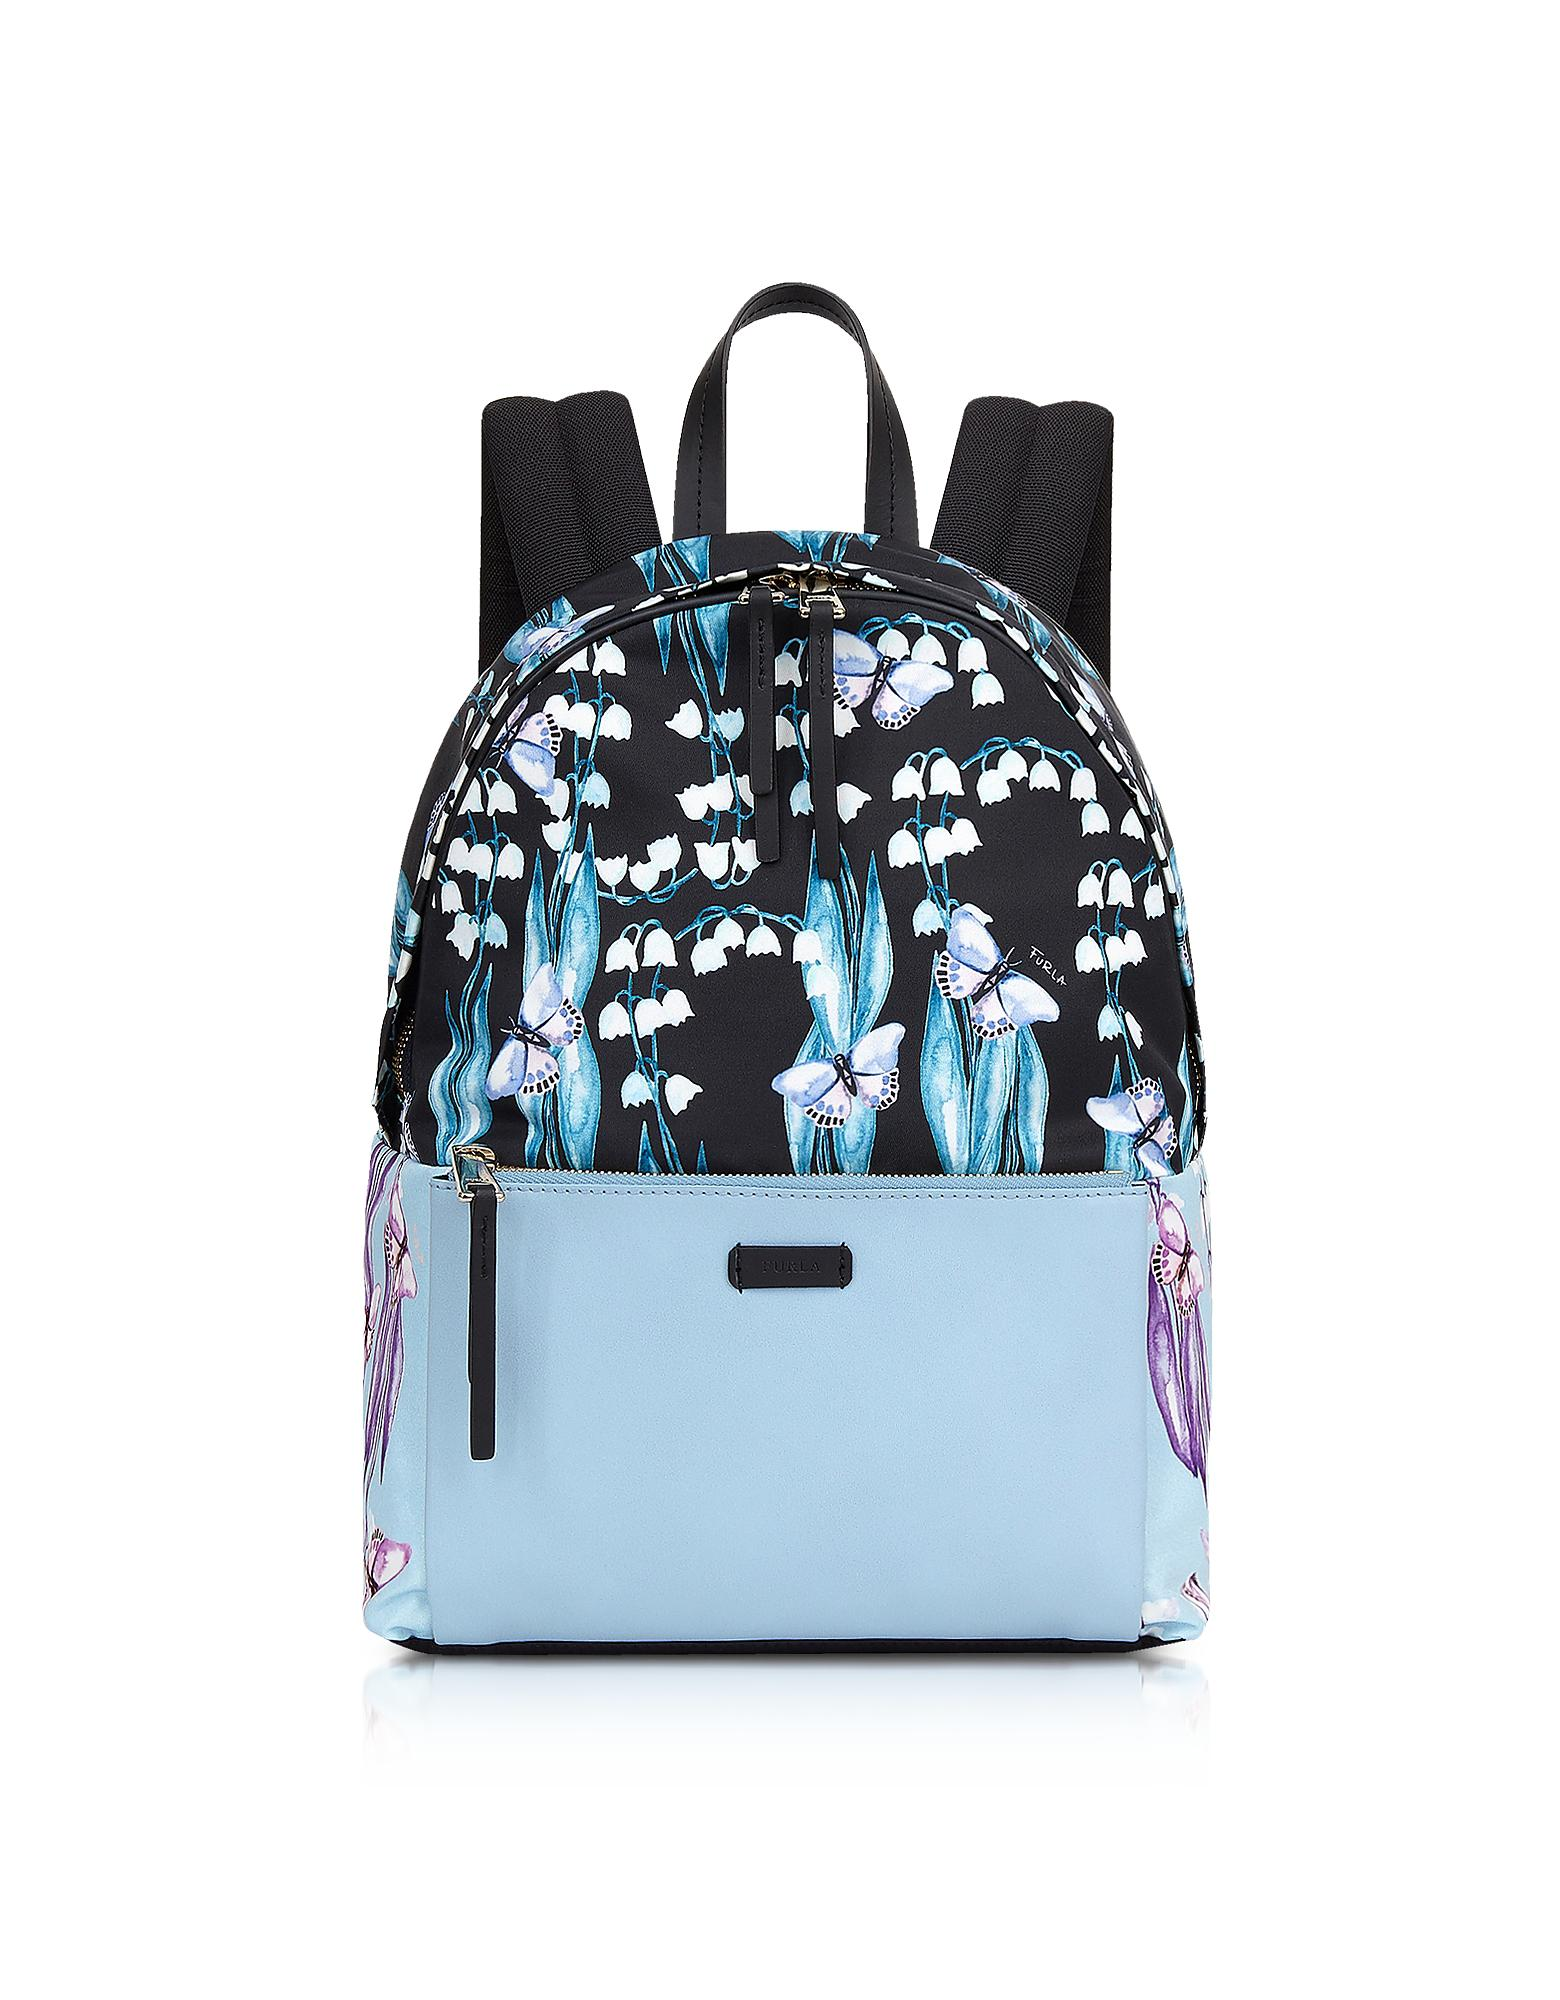 e6cd0ed2a490 Small Backpack Shoulder Bag- Fenix Toulouse Handball